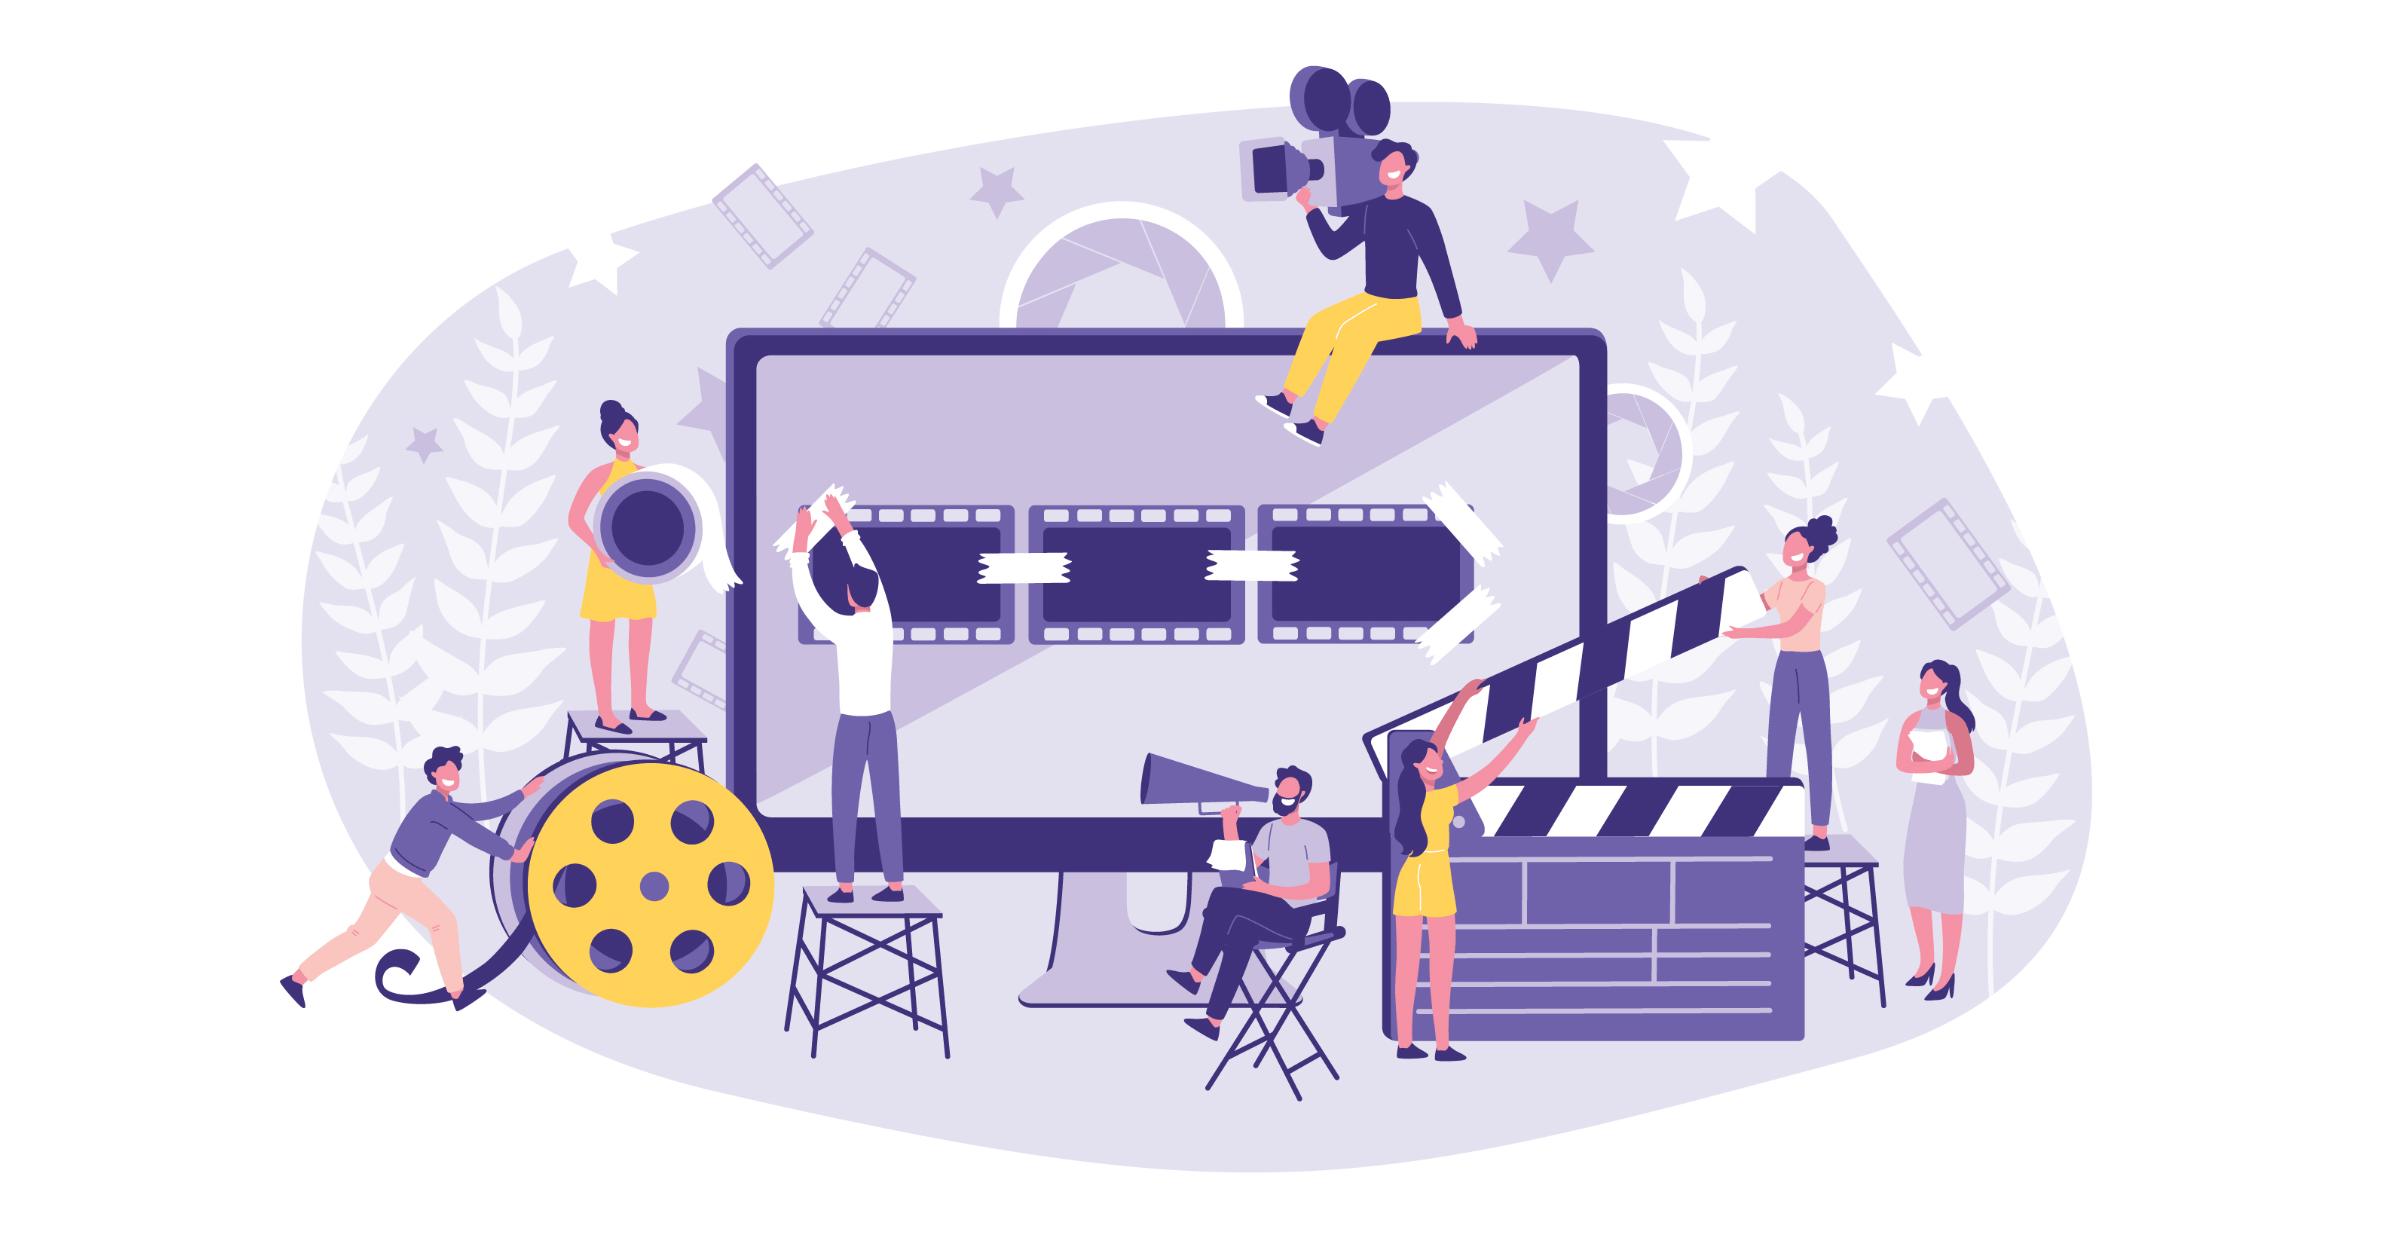 Jak przygotować skuteczne wideo dla swojej zrzutki?